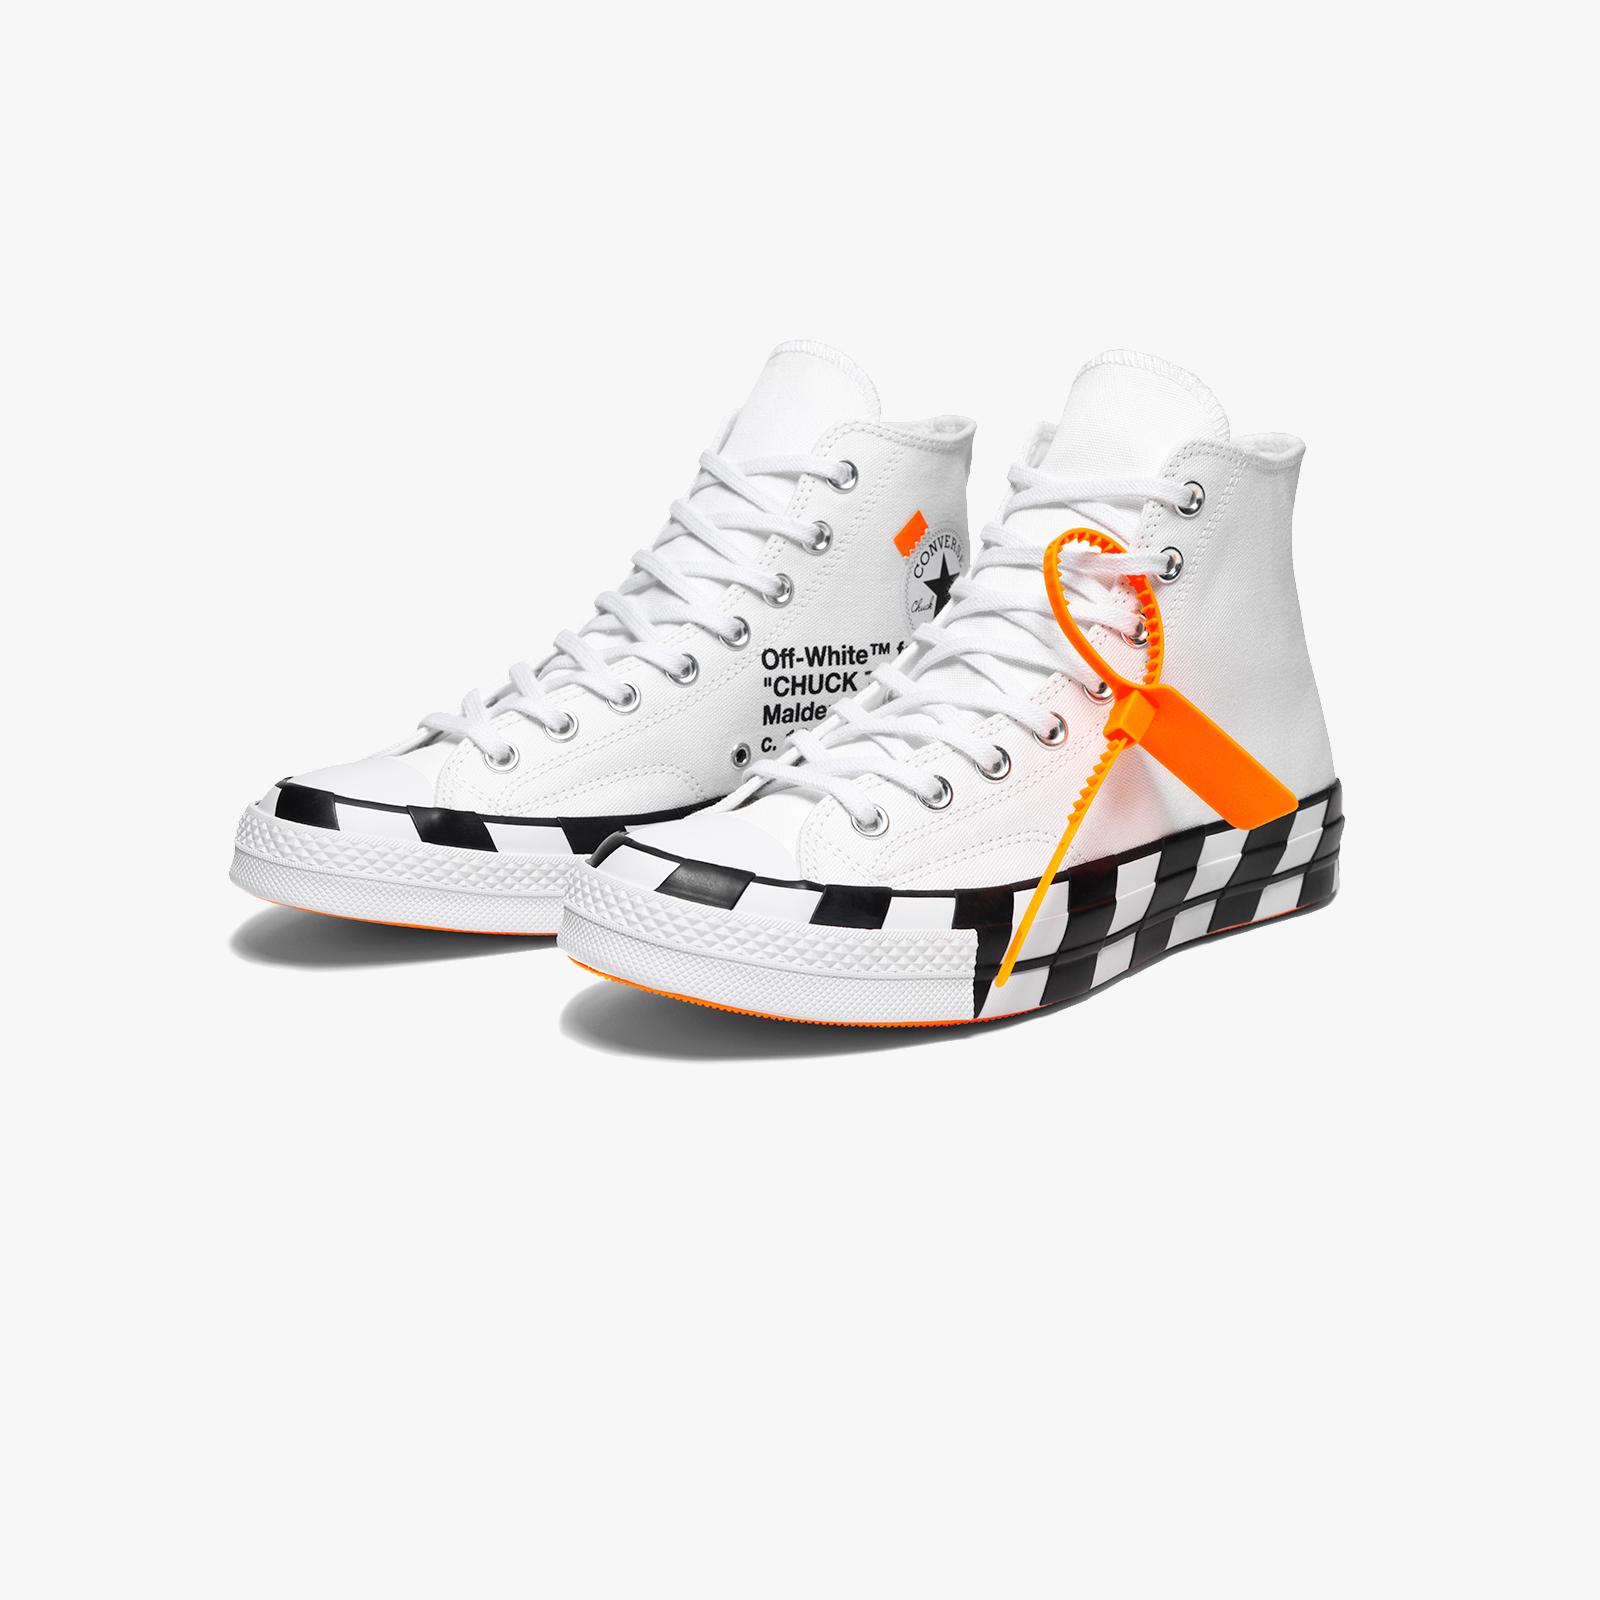 c6d0d45ce2b95d Converse Chuck Taylor 70 x Off White - 163862c - Sneakersnstuff ...